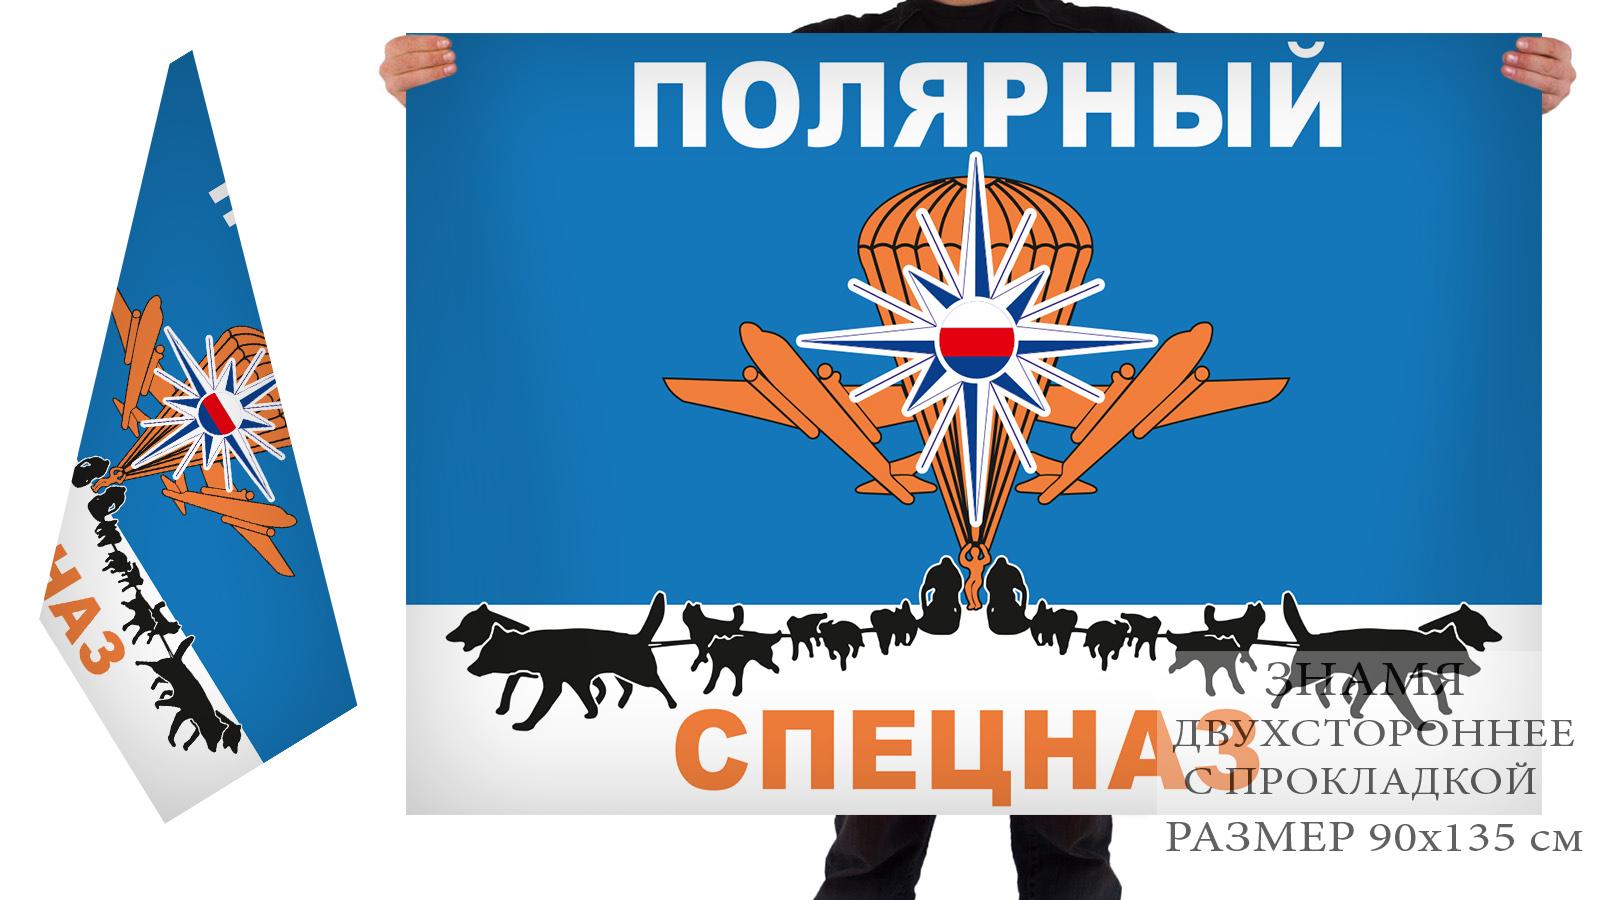 Купить в военторге двухсторонний флаг «Полярный Спецназ»